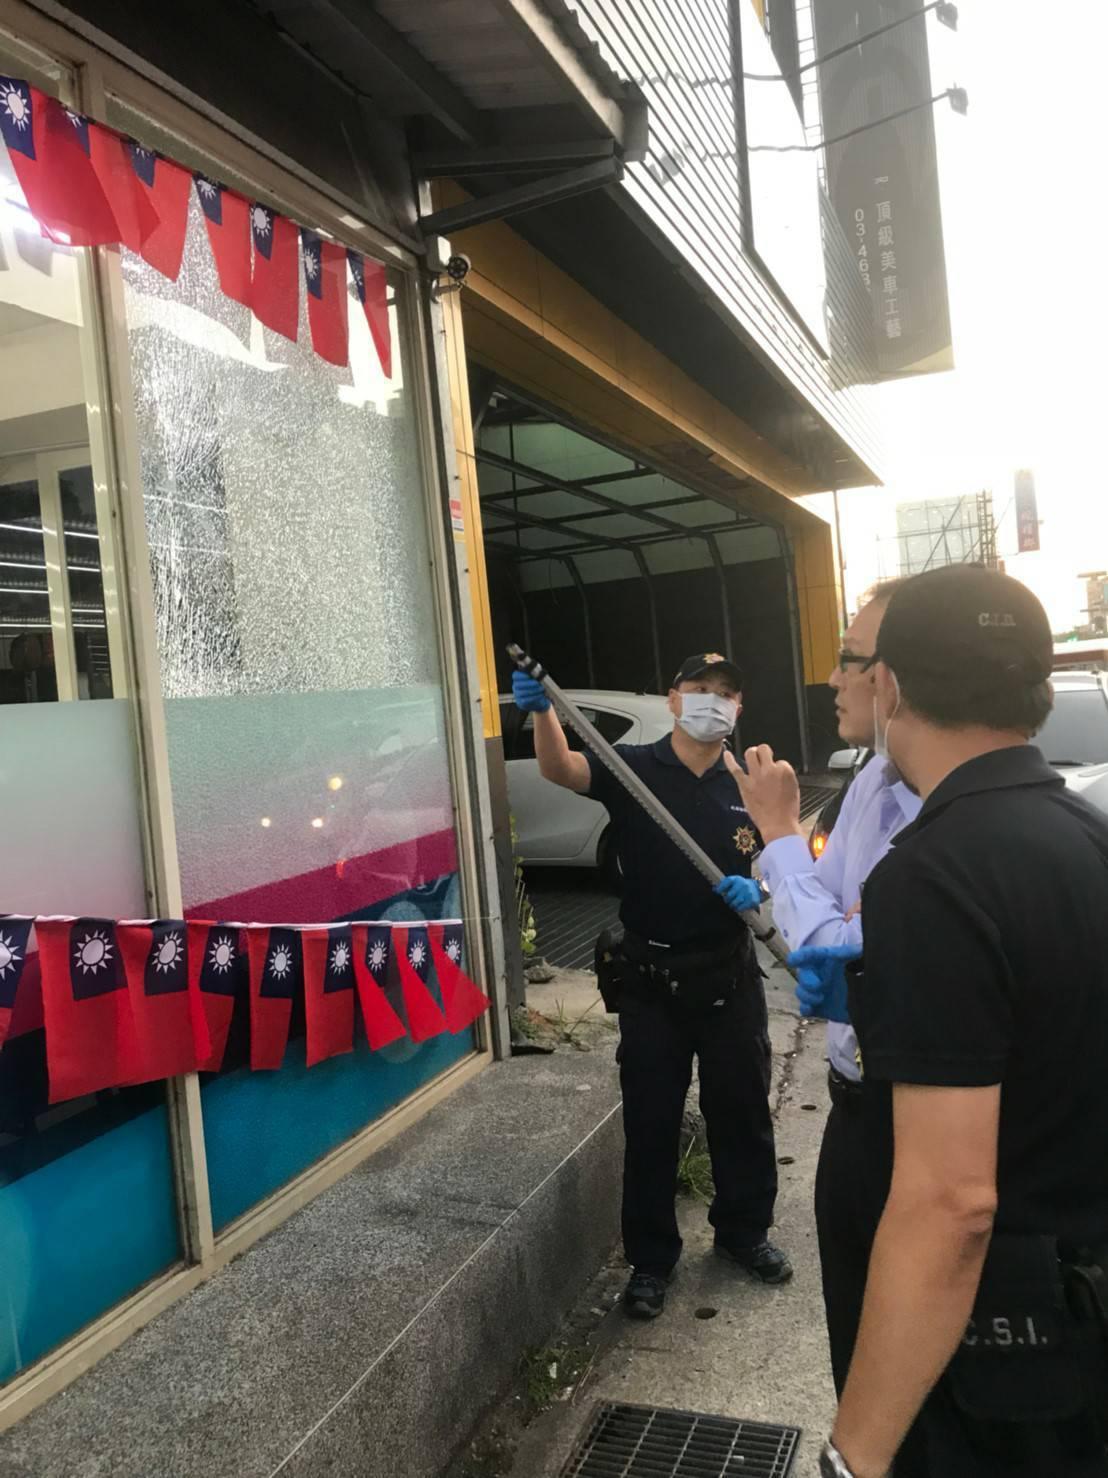 中壢議員劉安棋服務處遭人開槍,玻璃牆遭擊碎,且留下彈孔。圖/劉安棋服務處提供